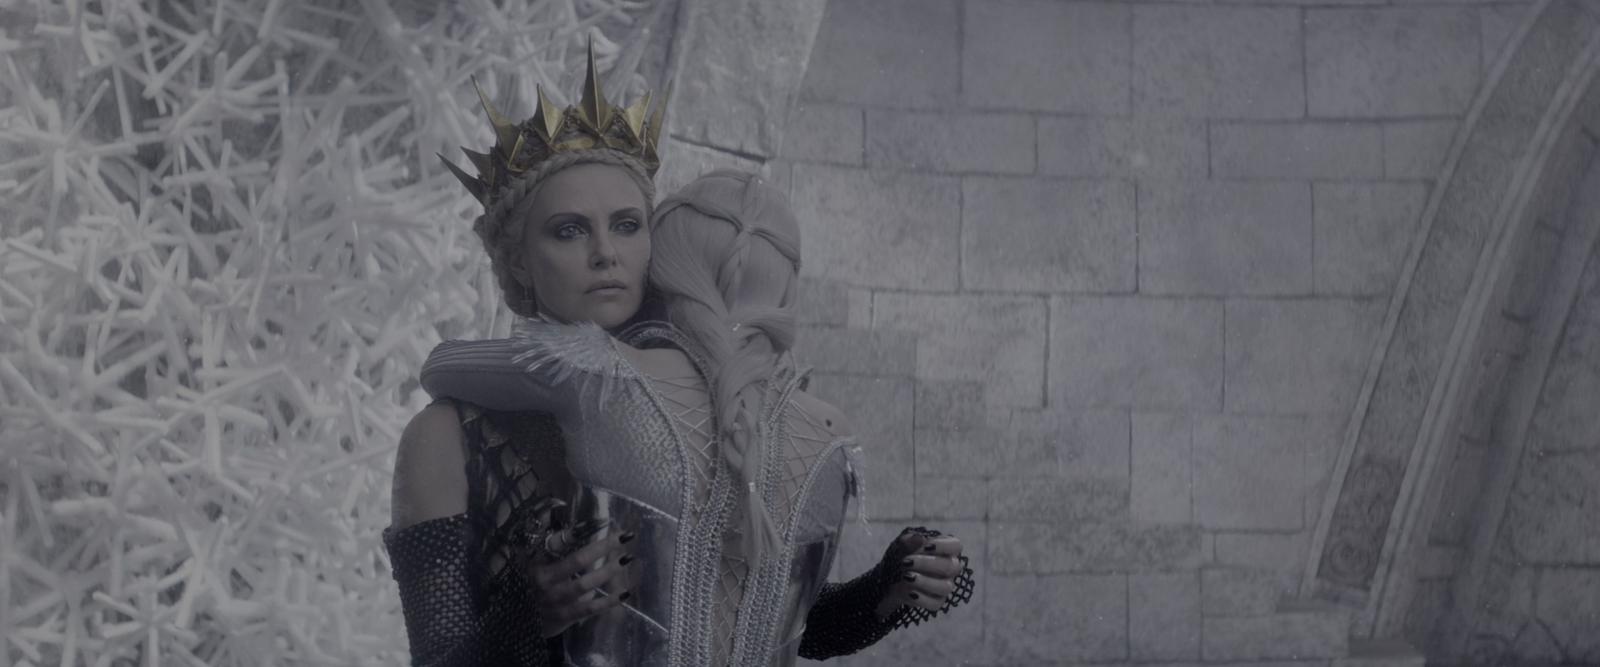 El Cazador y la Reina del Hielo captura 2